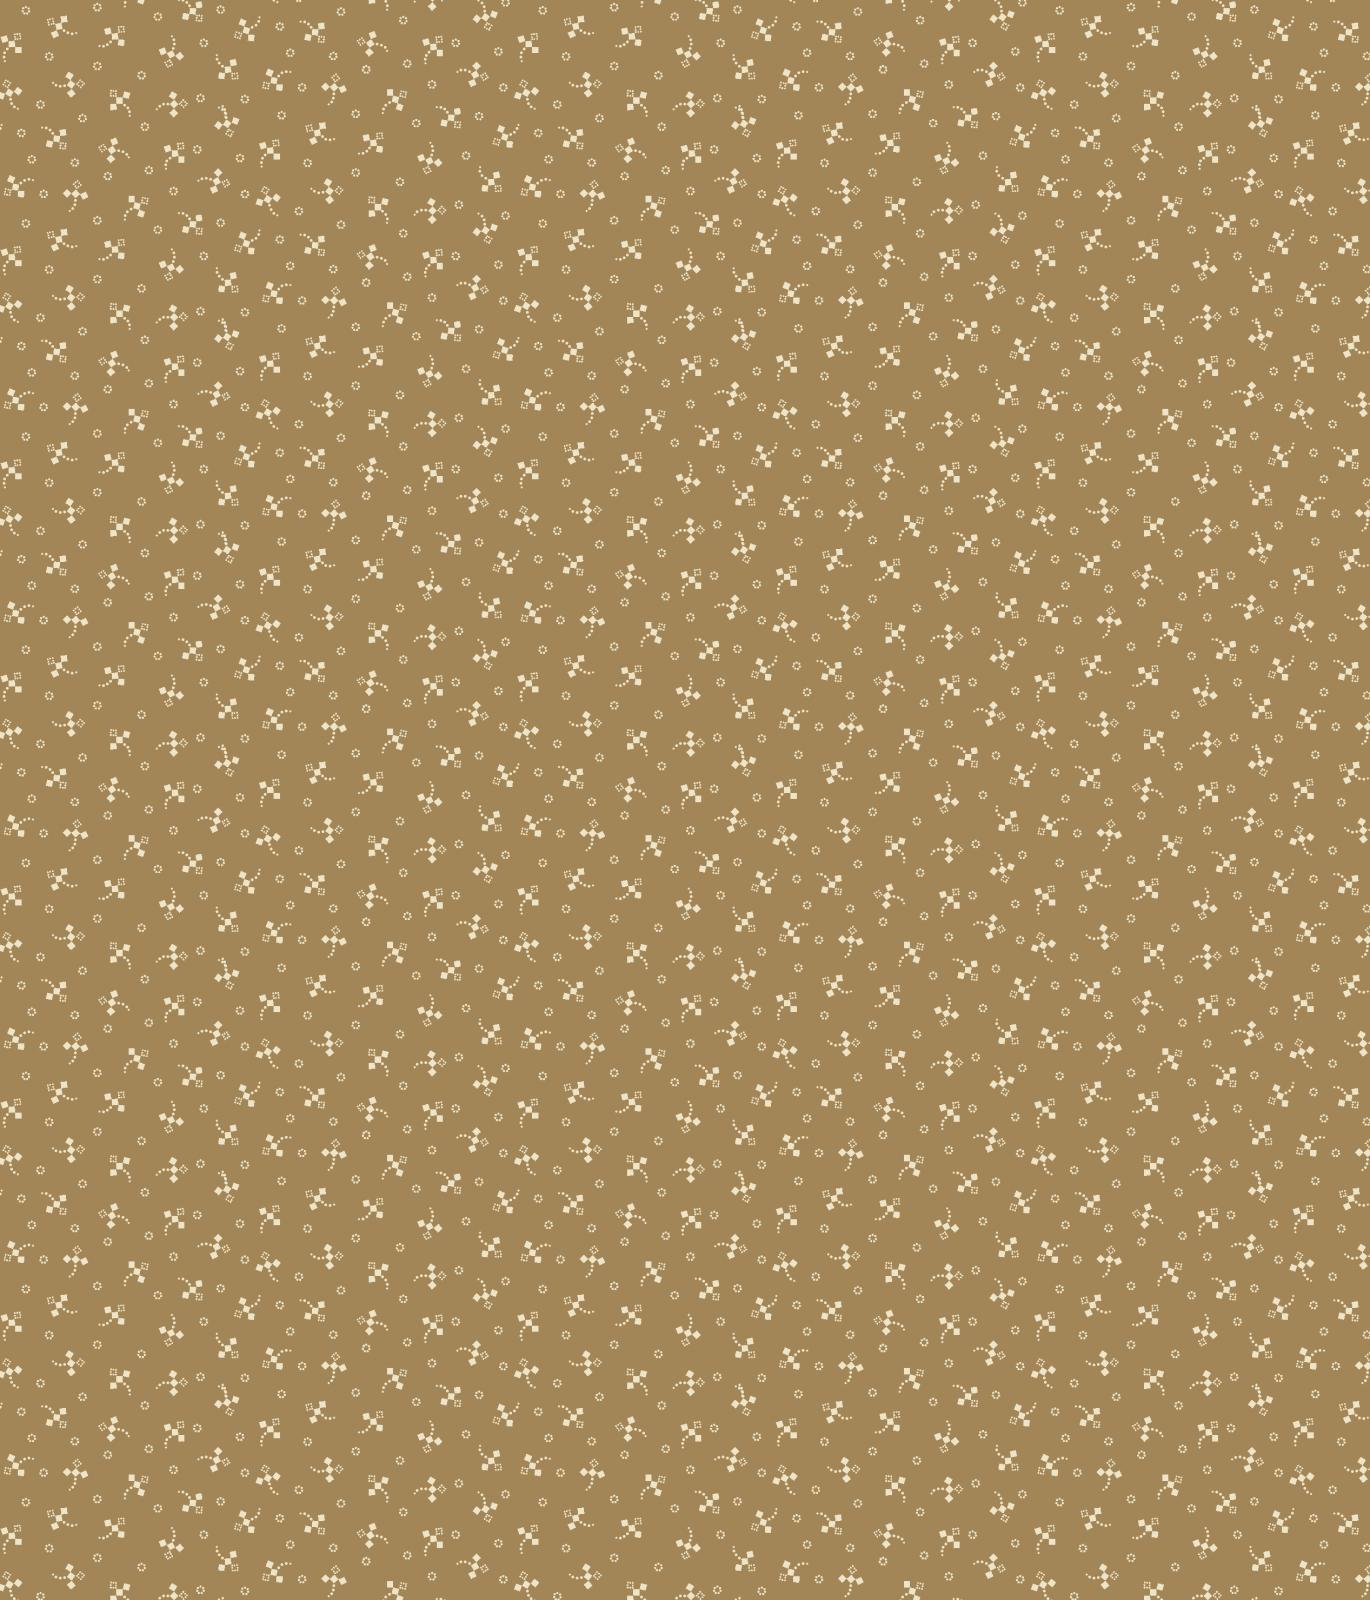 Garden Getaway Fabric 18 (0902 0147)